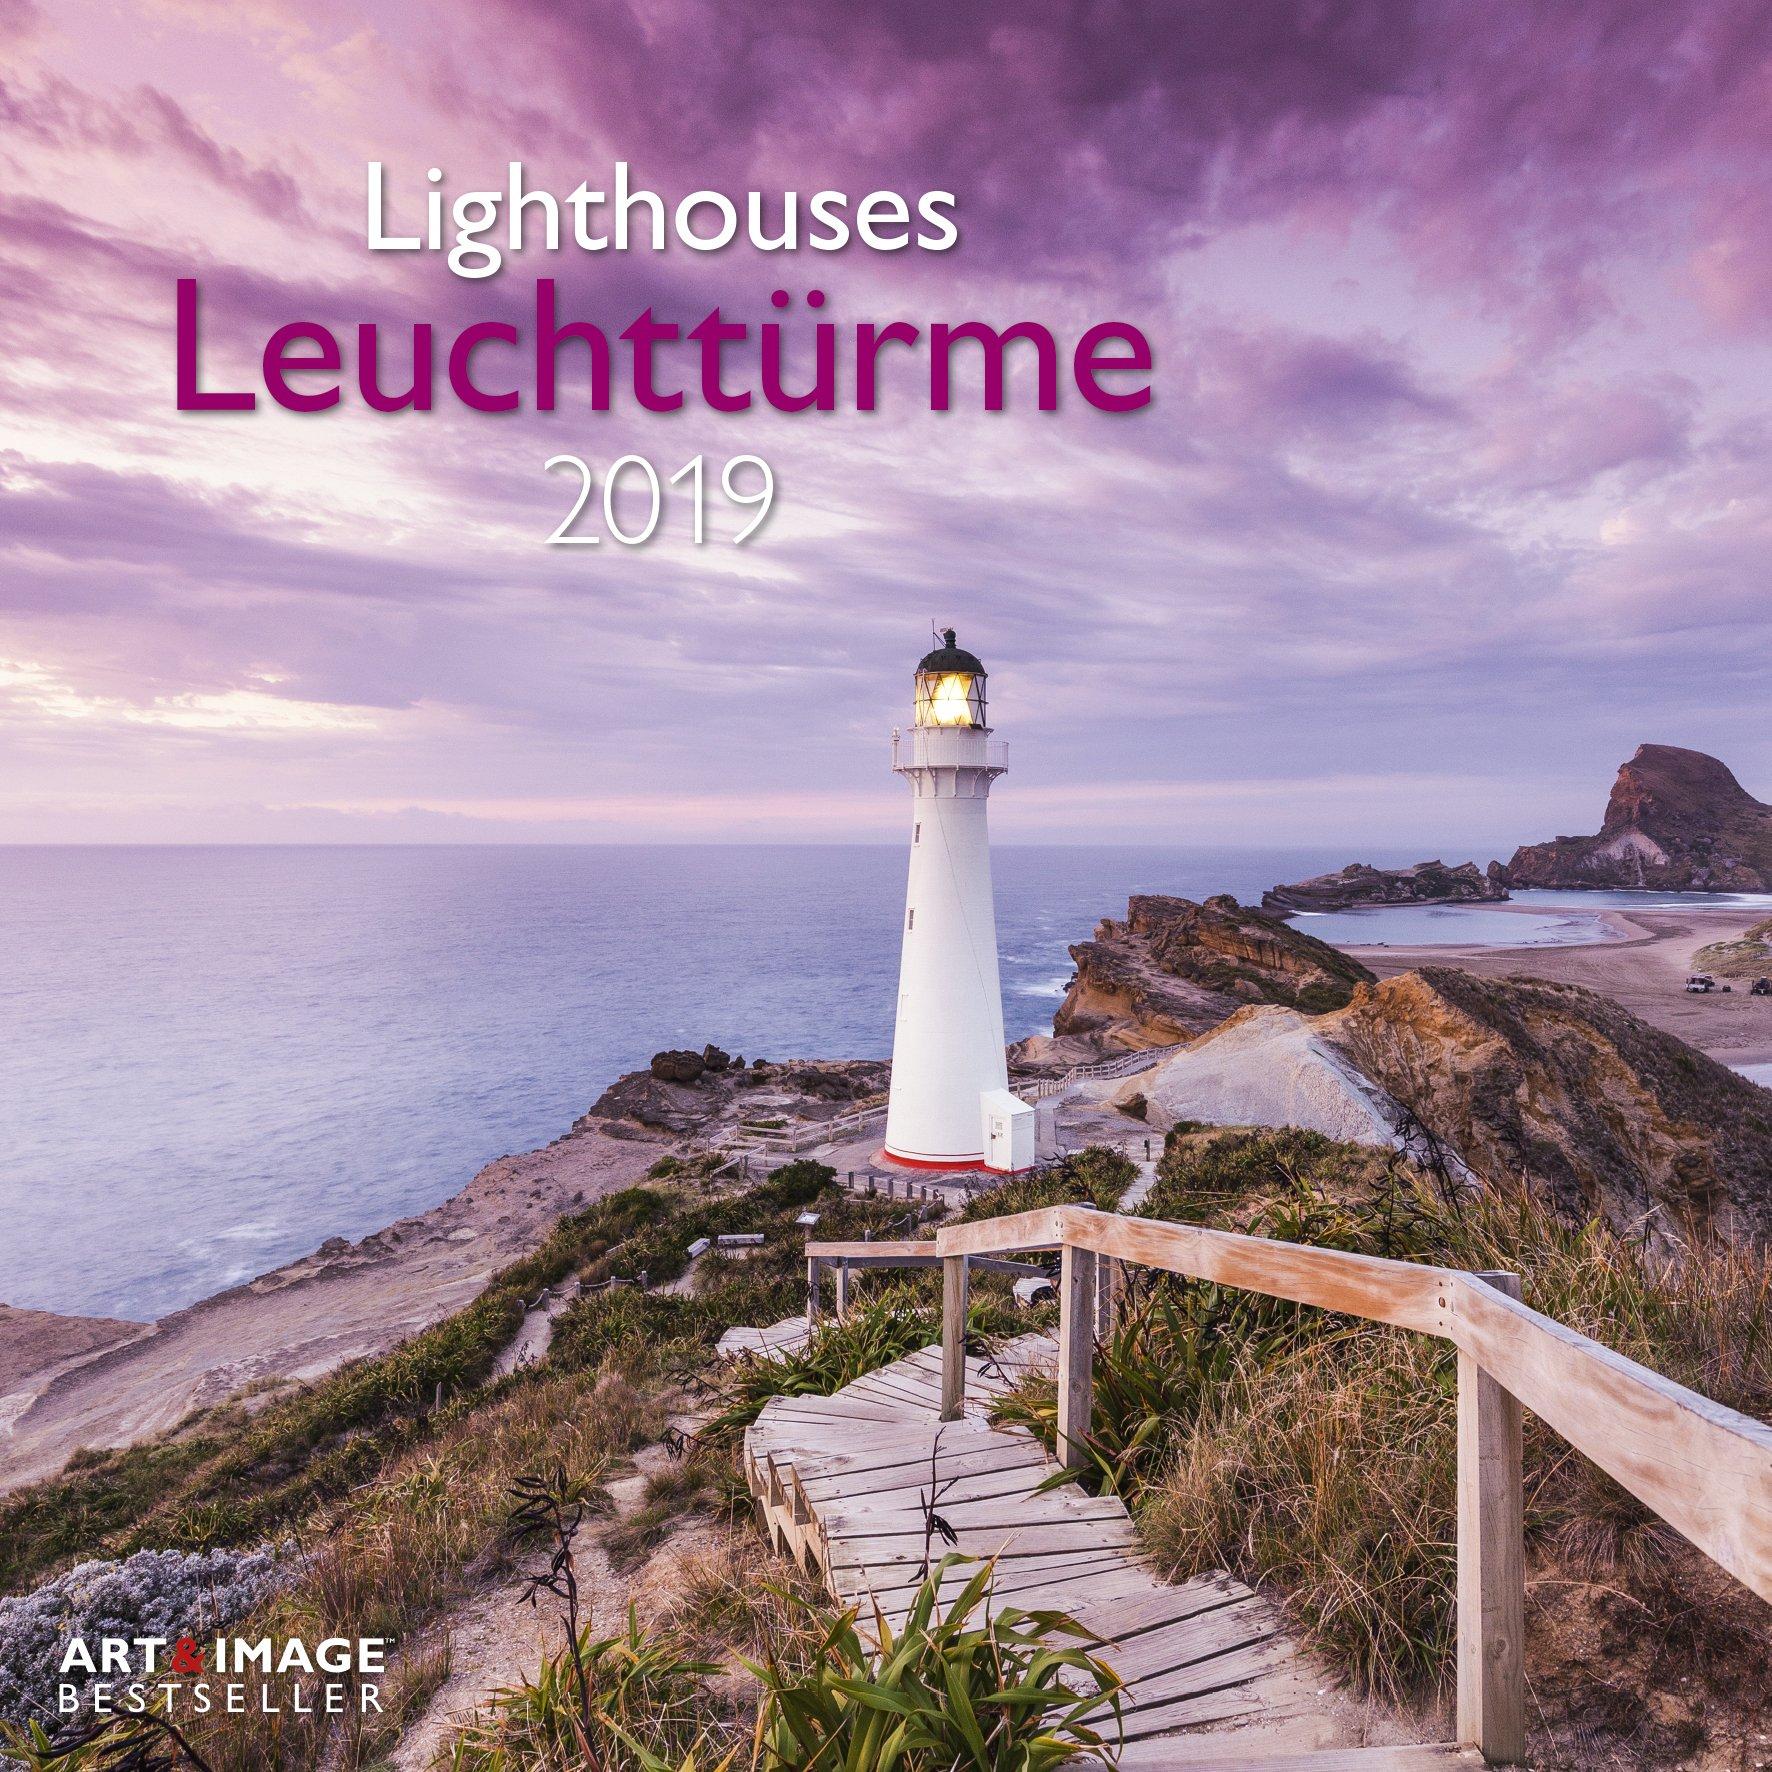 Leuchttürme 2019 - Meerkalender, Strandkalender, Landschaftskalender 2018  -  30 x 30 cm